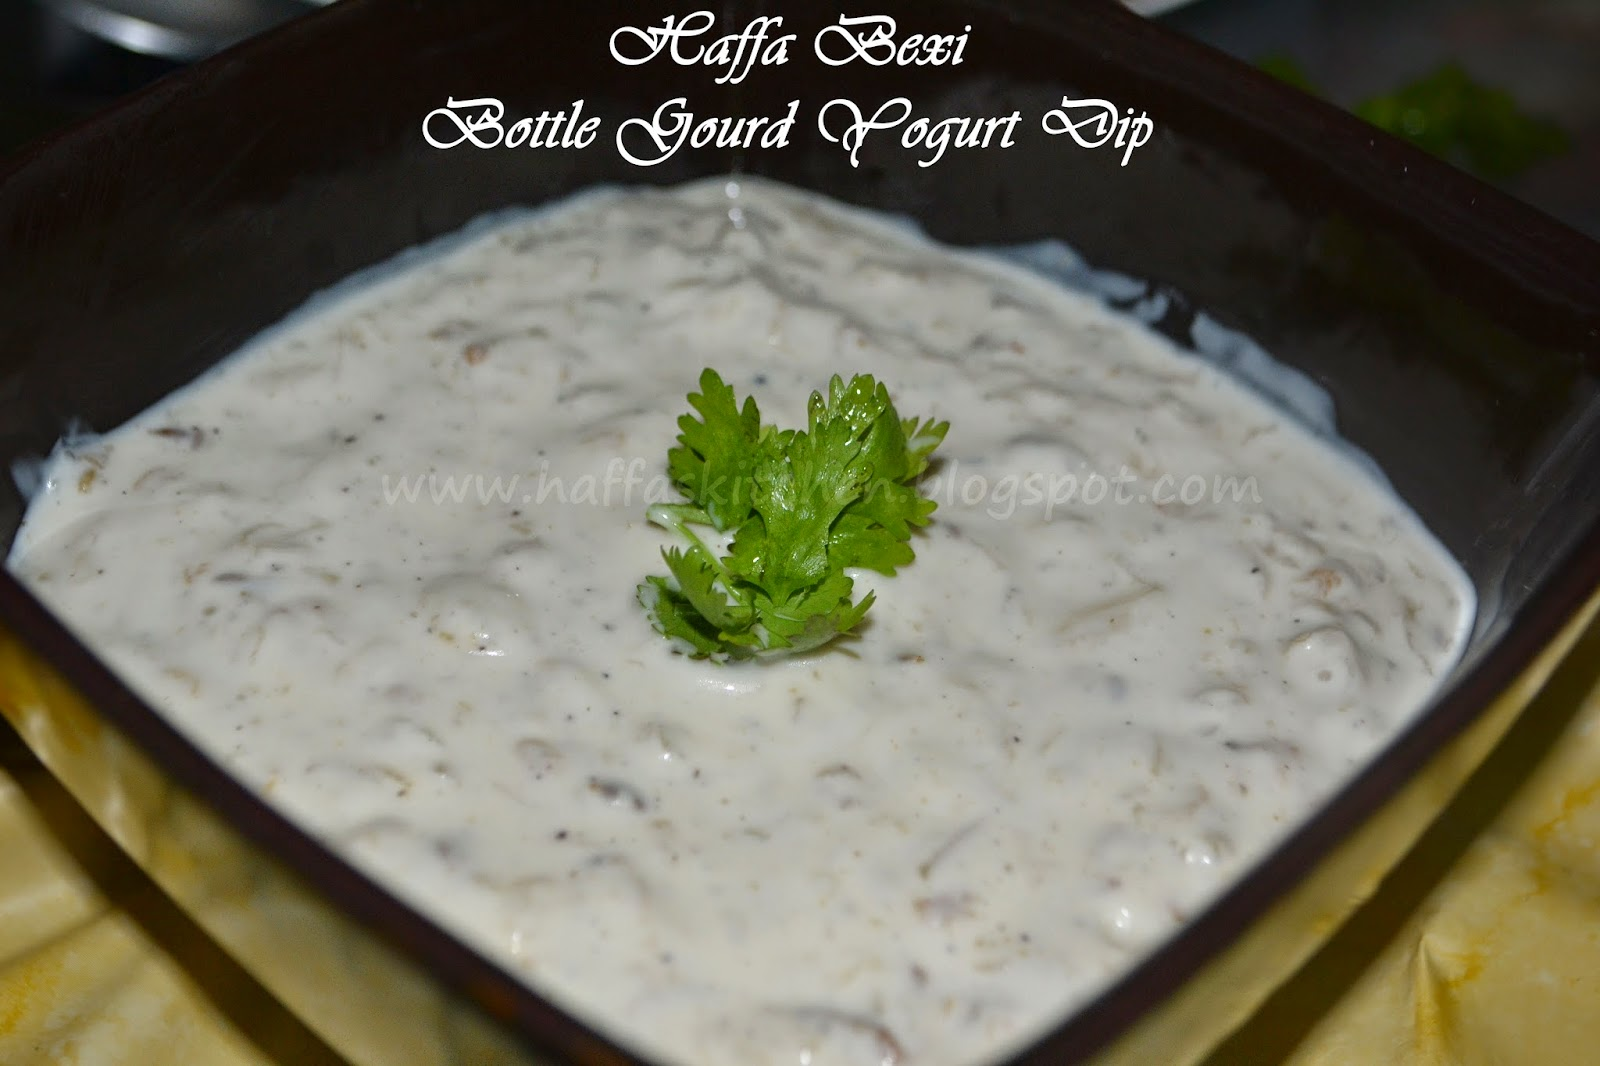 recipe for raita| lauki recipe| raitas recipes|dudhi how to cook|yogurt dip| lauki ka raita| how to cut bottle gourd| how to cook bottle gourd| raita indian food|bottle gourd|bottle gourd recipe|  kaddu ka raita| raita indian food| Ghia ka raita| Doodhi raita| bottle gourd recipes|